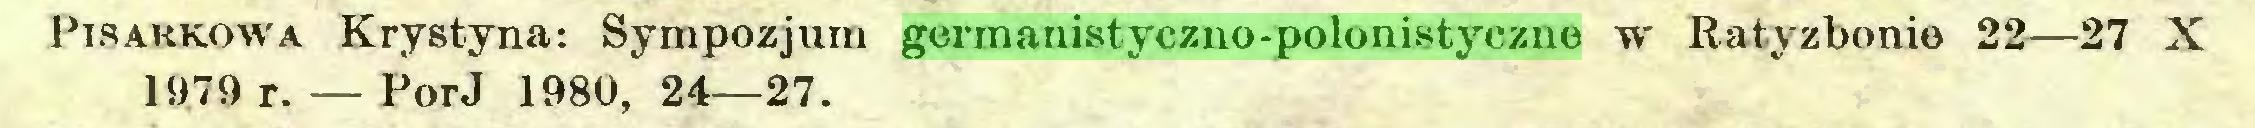 (...) Pisakkowa Krystyna: Sympozjum germanistyczno-polonistyczne w Ratyzbonie 22—27 X 1979 r. — PorJ 1980, 24—27...